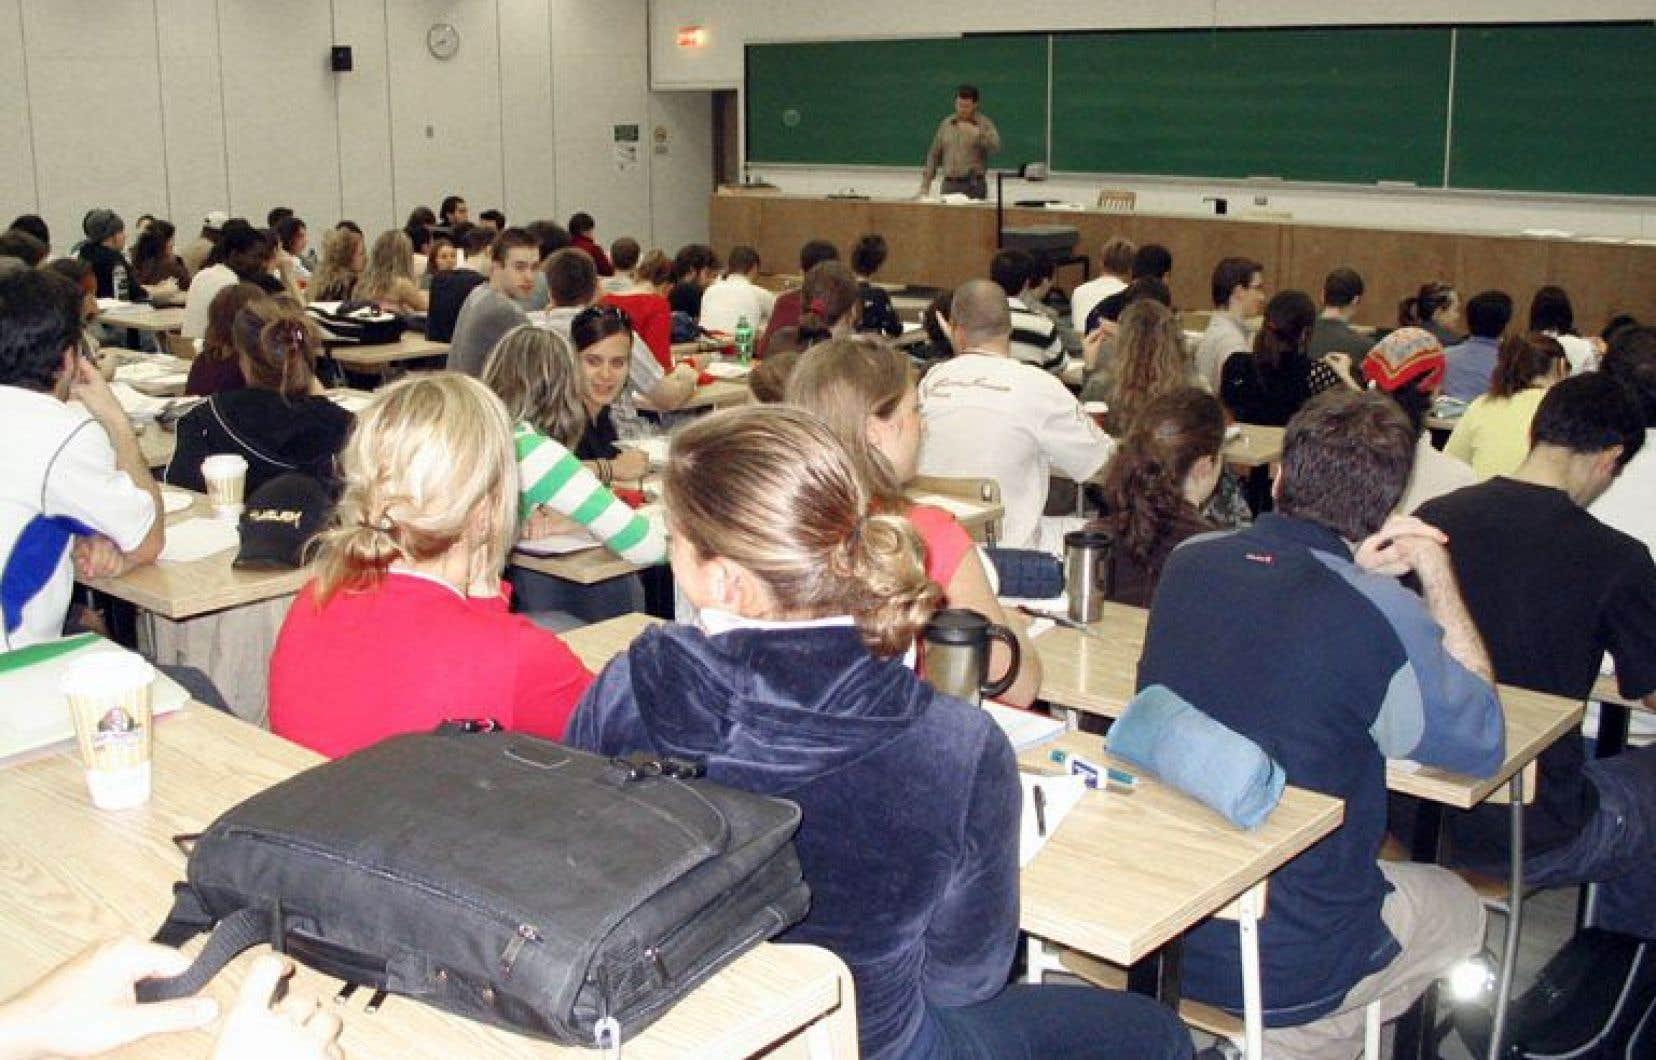 «Ce qui est problématique, c'est le fait que la quasi-totalité du financement de nos universités est basée sur une seule variable: la fréquentation étudiante», explique Martin Maltais, professeur spécialisé en financement et politiques d'éducation à l'Université du Québec à Rimouski (UQAR).